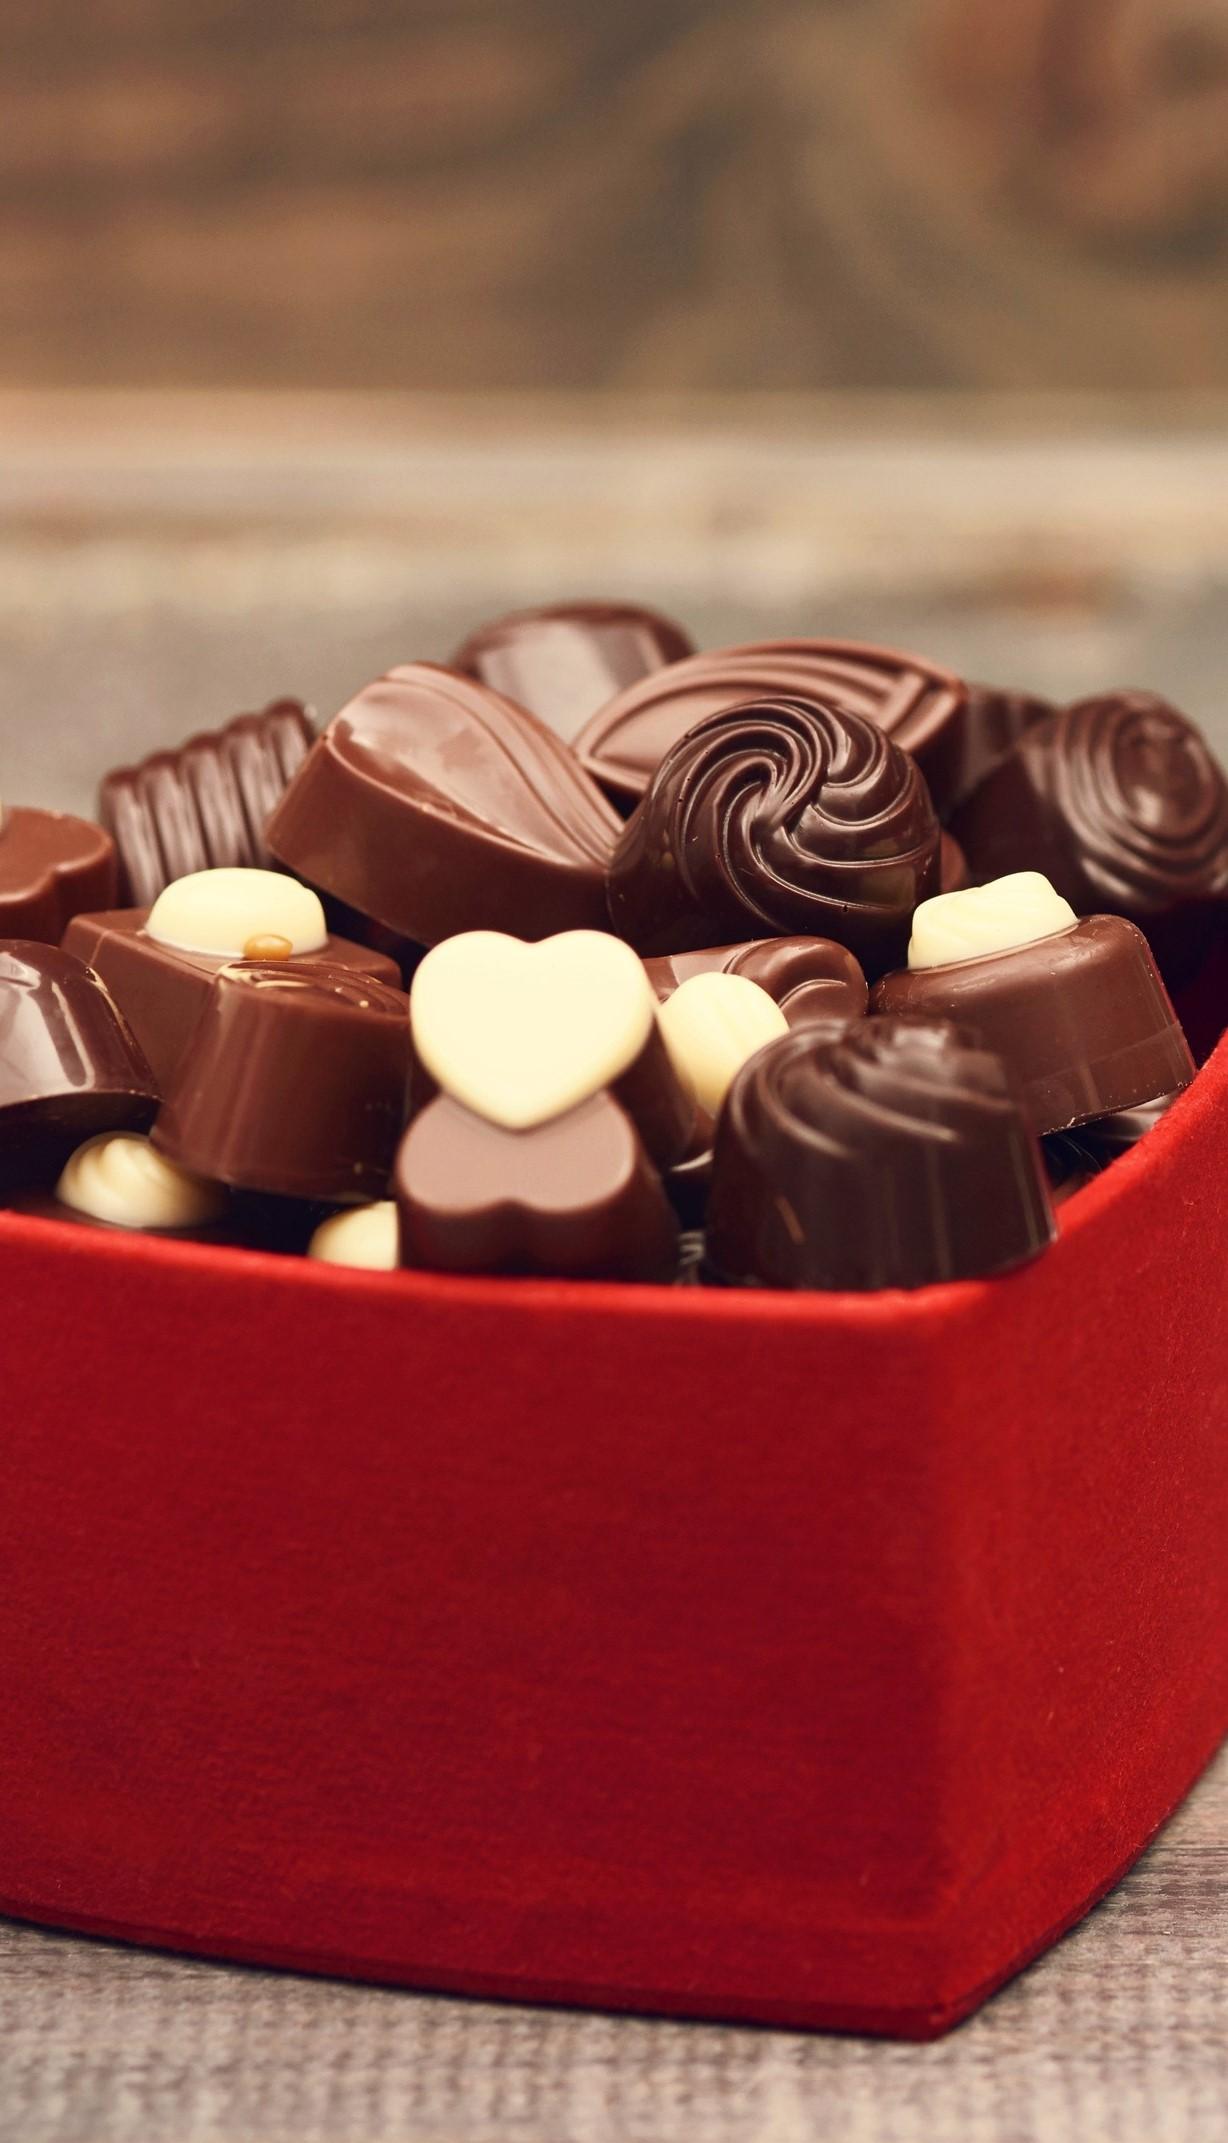 Vous ne vous tromperez jamais avec une boîte de bonbons au chocolat.